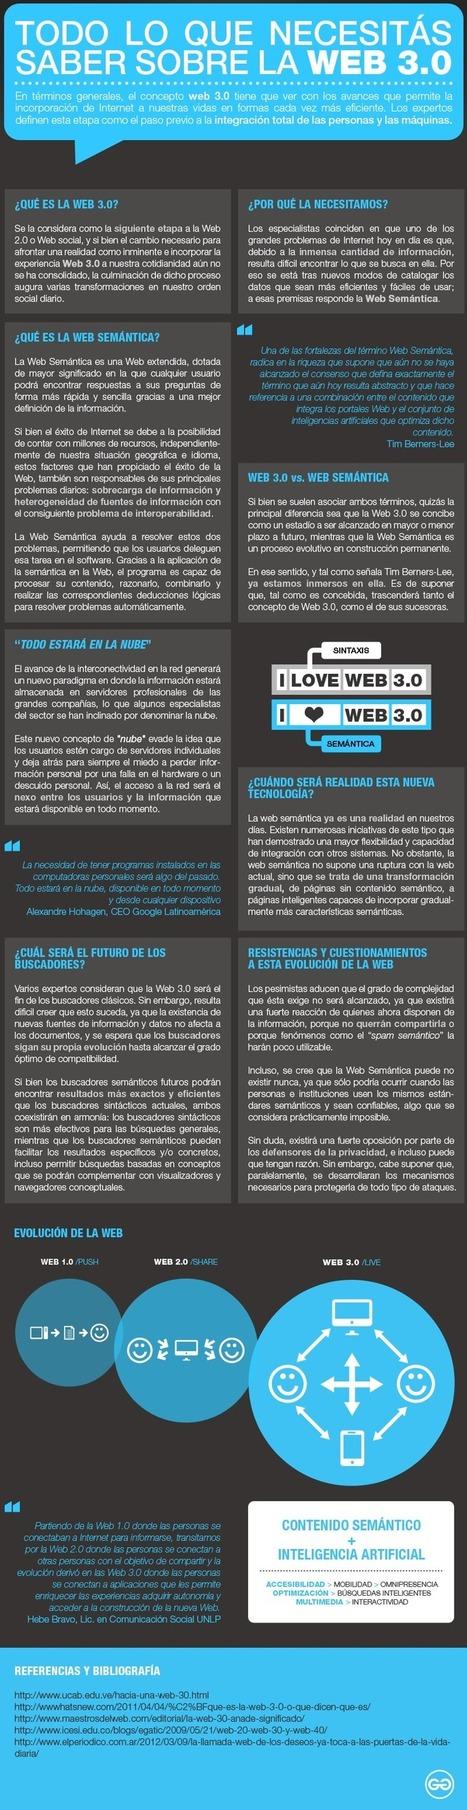 [Infografía] Todo lo que necesitas saber sobre la Web 3.0 (ES) | Techno educación | Scoop.it